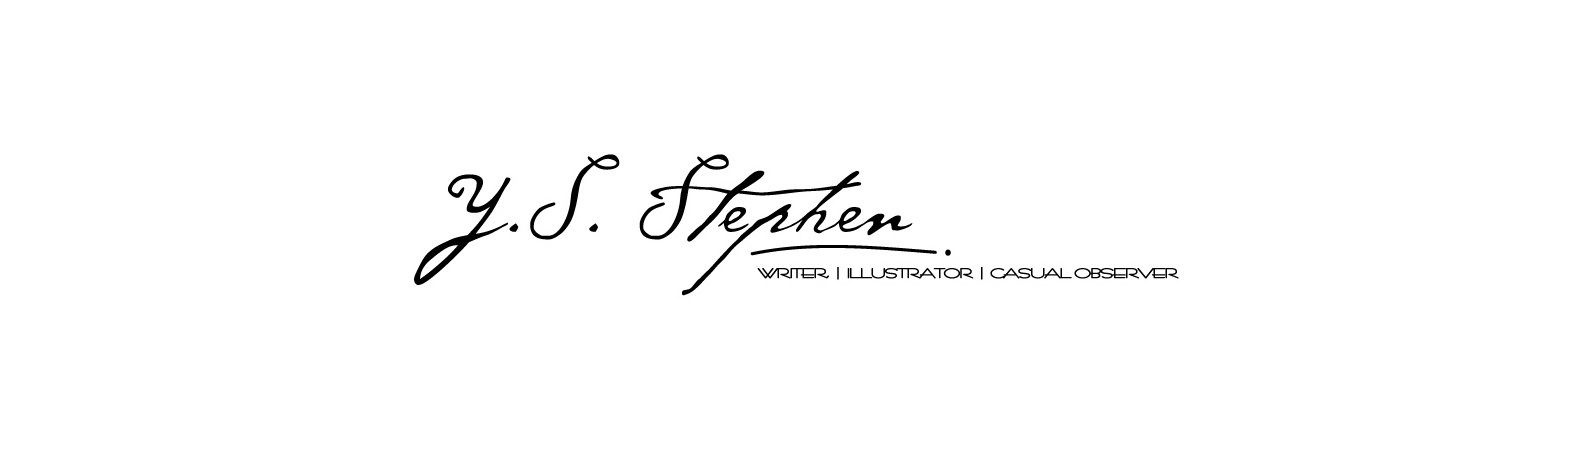 Y.S. Stephen